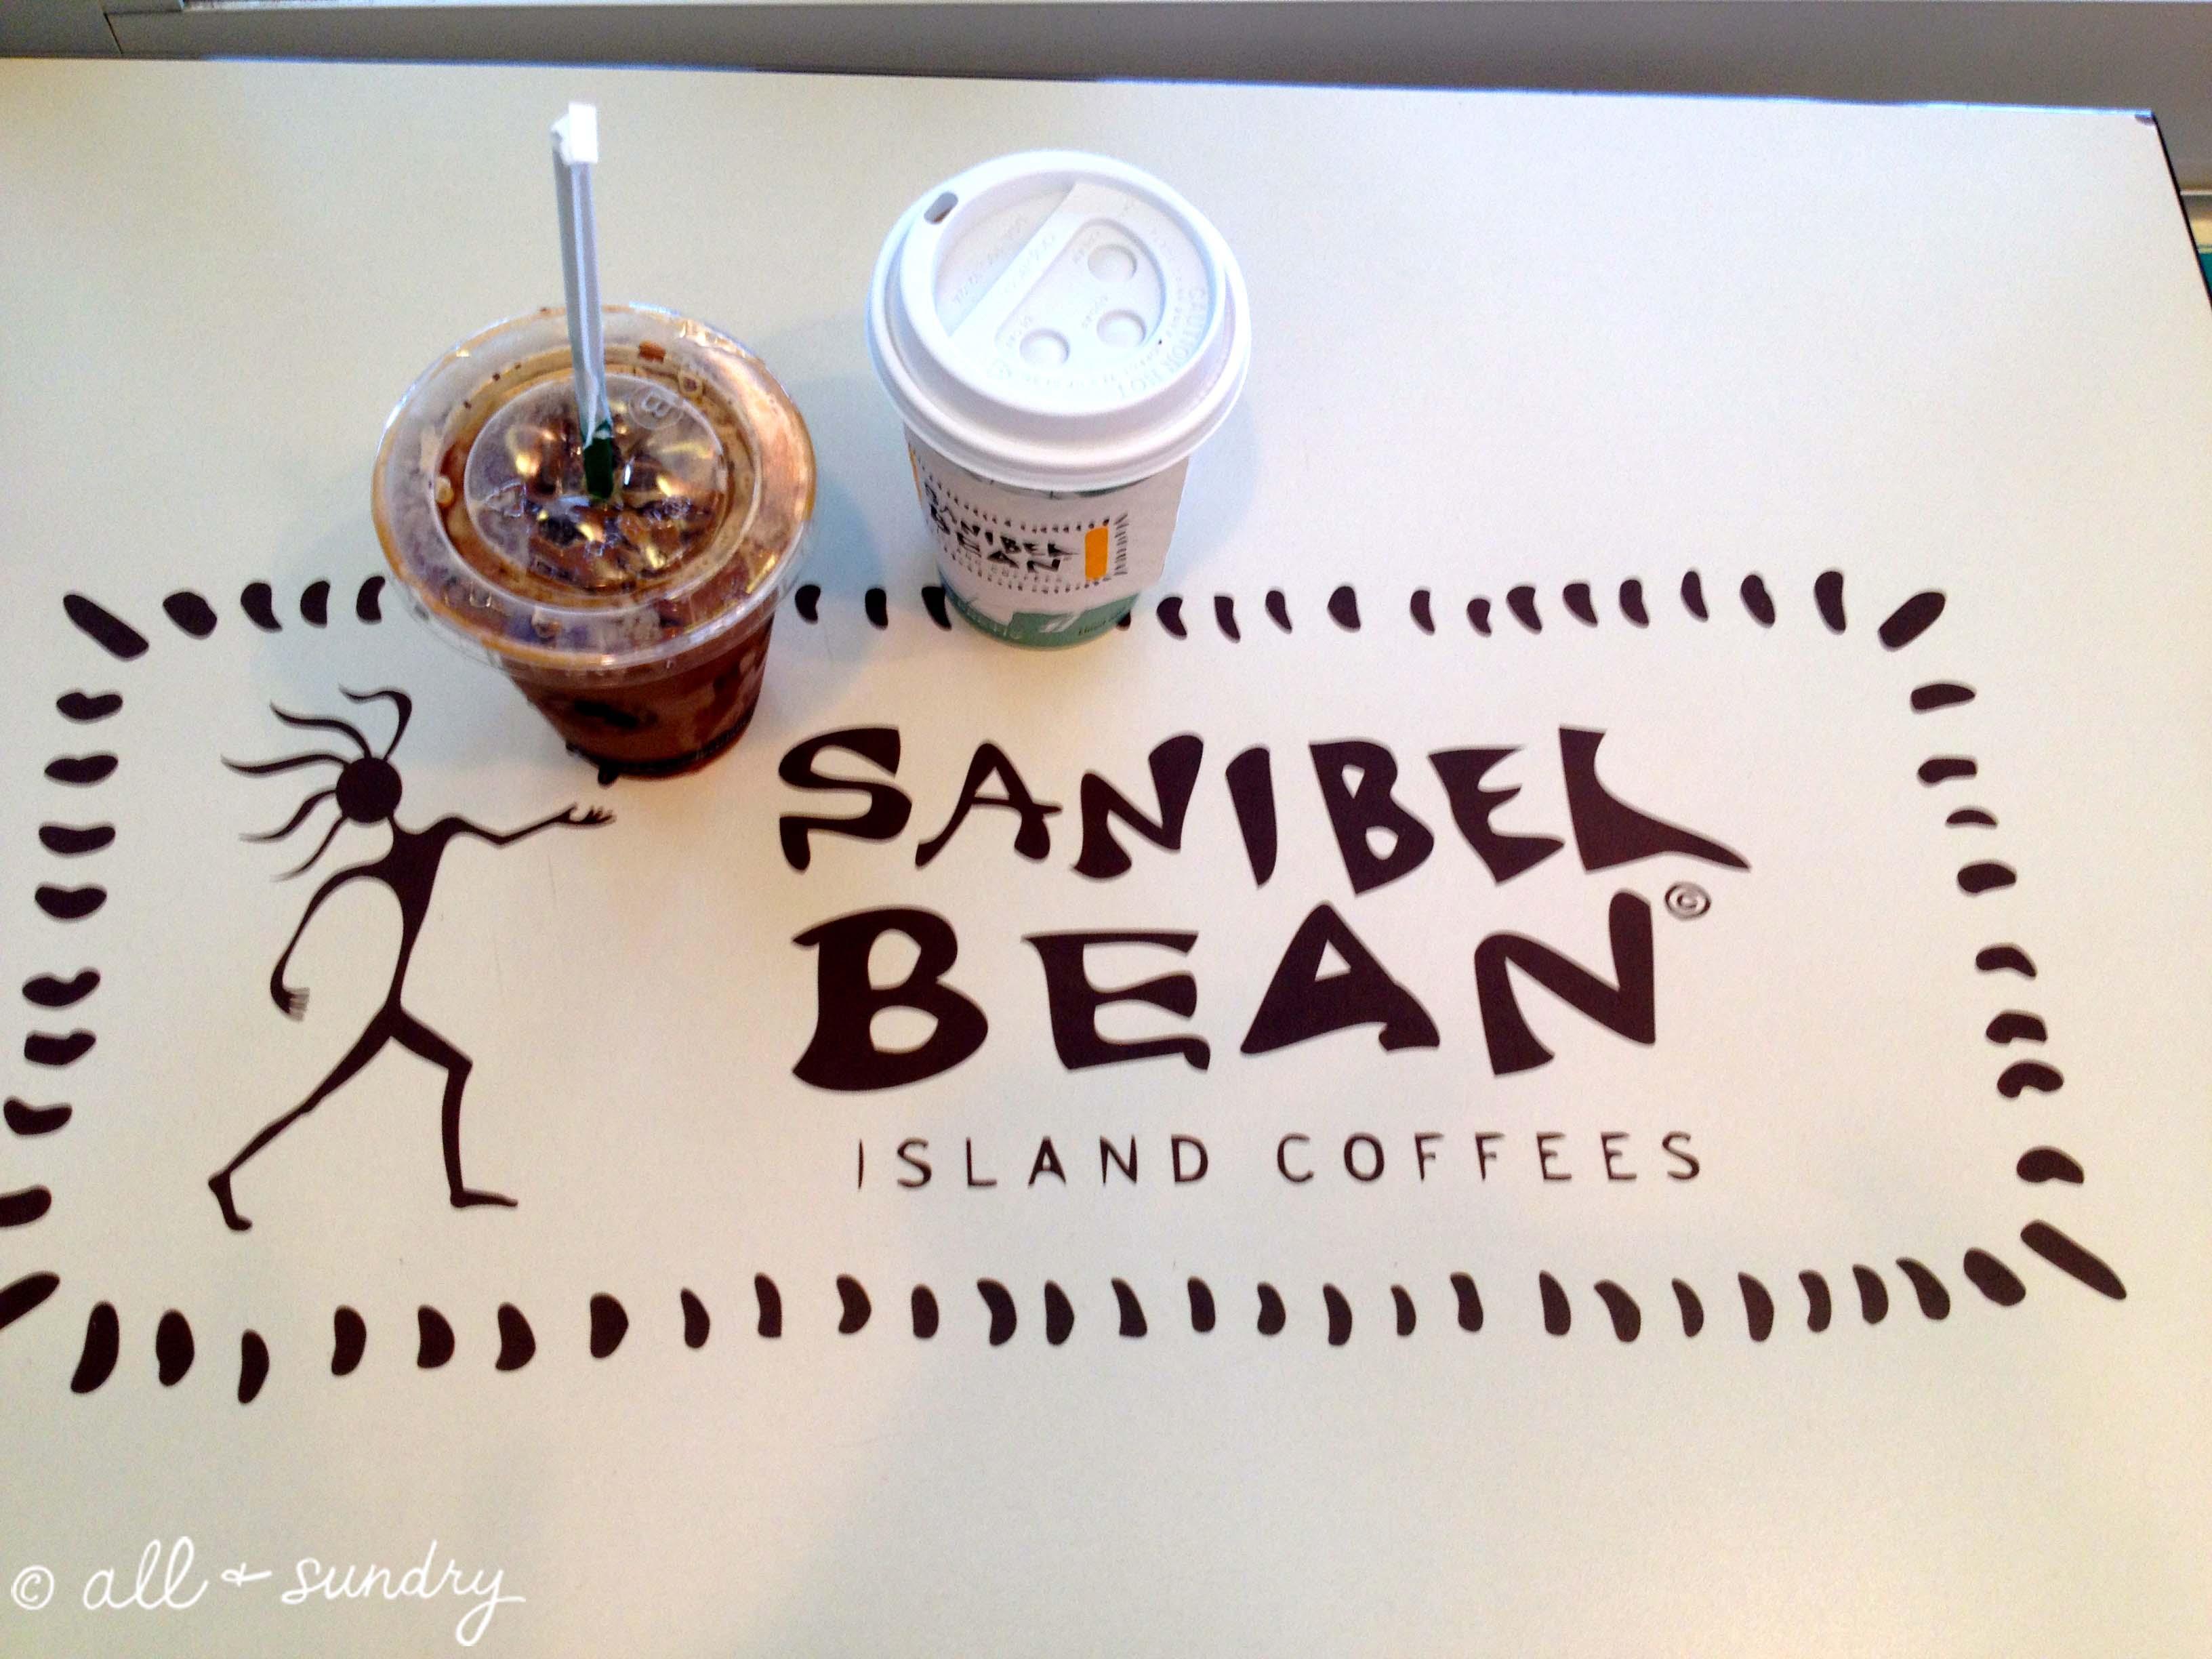 Sanibel Bean